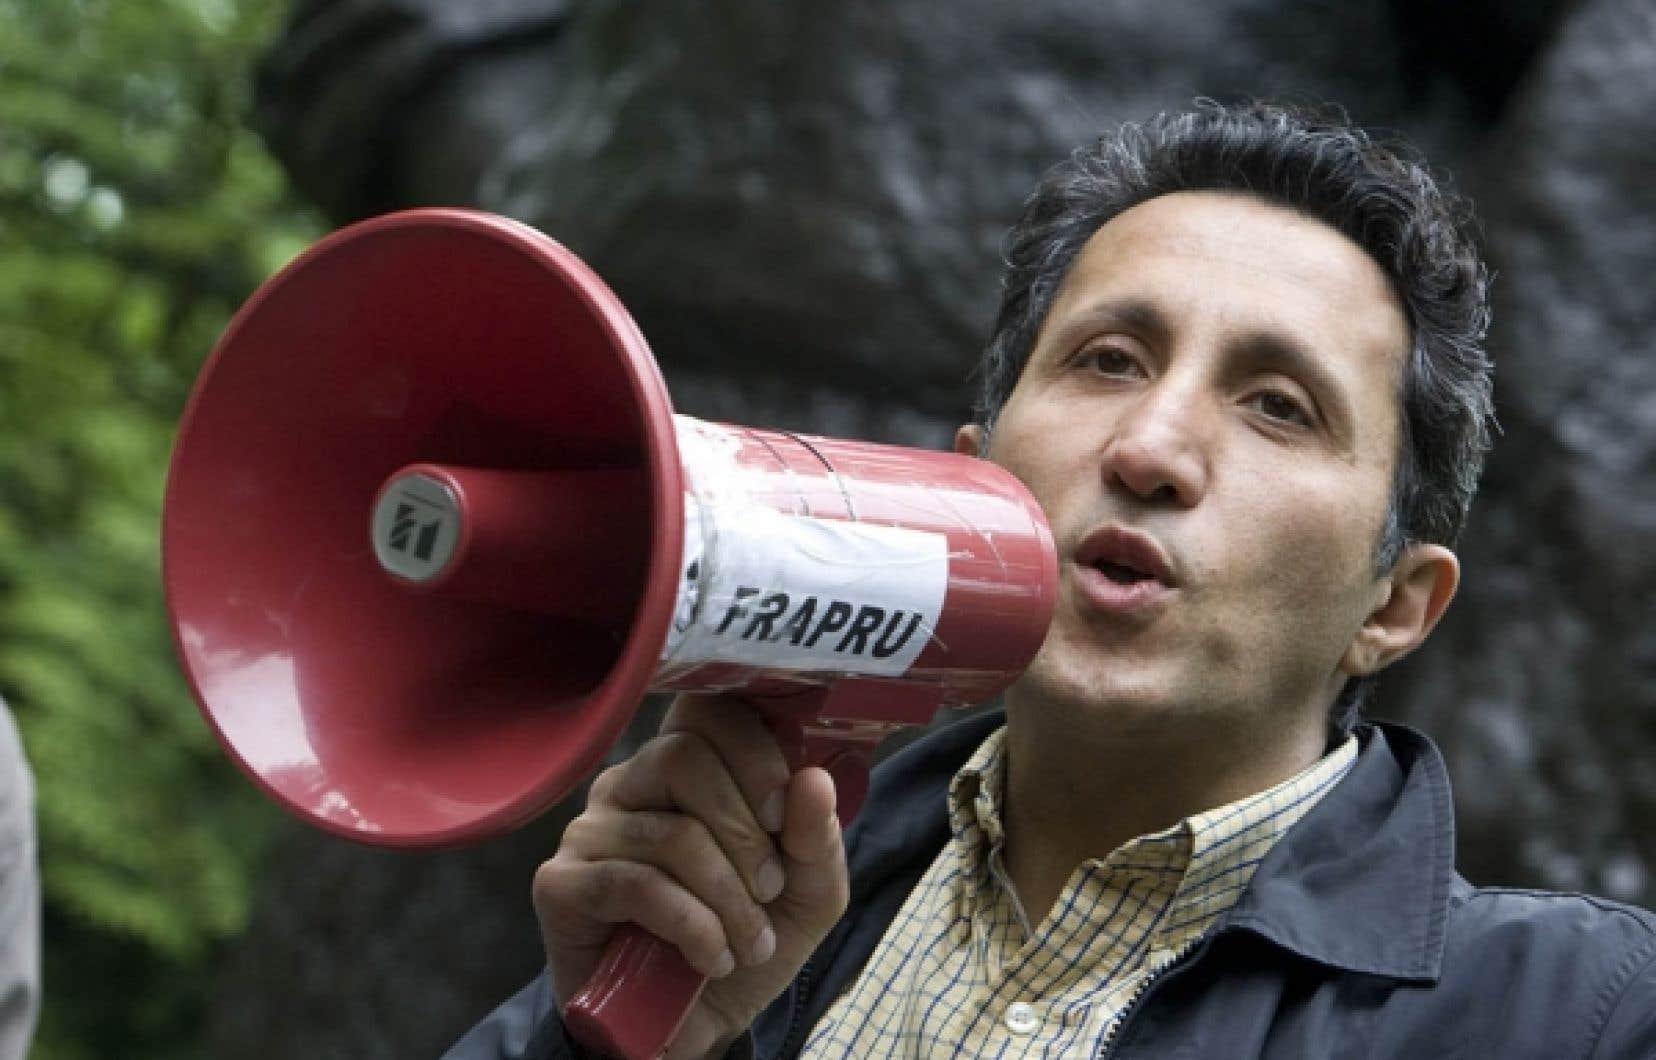 Le député de Québec solidaire, Amir Khadir, a pris part hier au parc La Fontaine à une manifestation contre la tenue du Grand Prix de Formule 1 de Montréal. Ses prises de position ont provoqué une baisse de sa popularité auprès des électeurs, mais il demeure dans le «Top 10».<br />